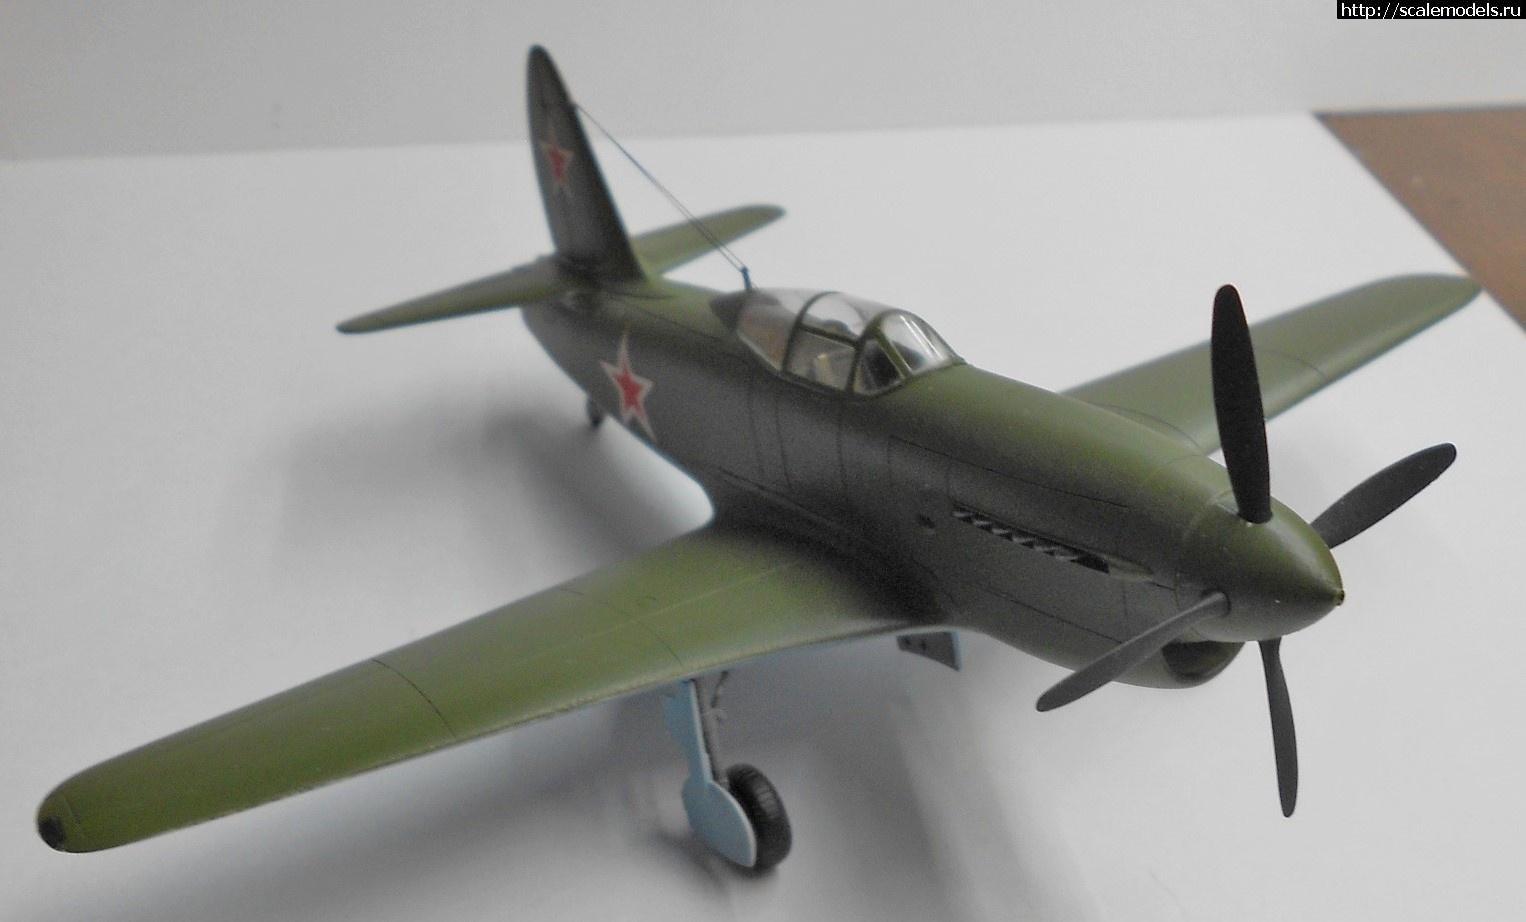 #1597178/ Су-5 Prop&Jet 1/72 поддержка ГОТОВО Закрыть окно